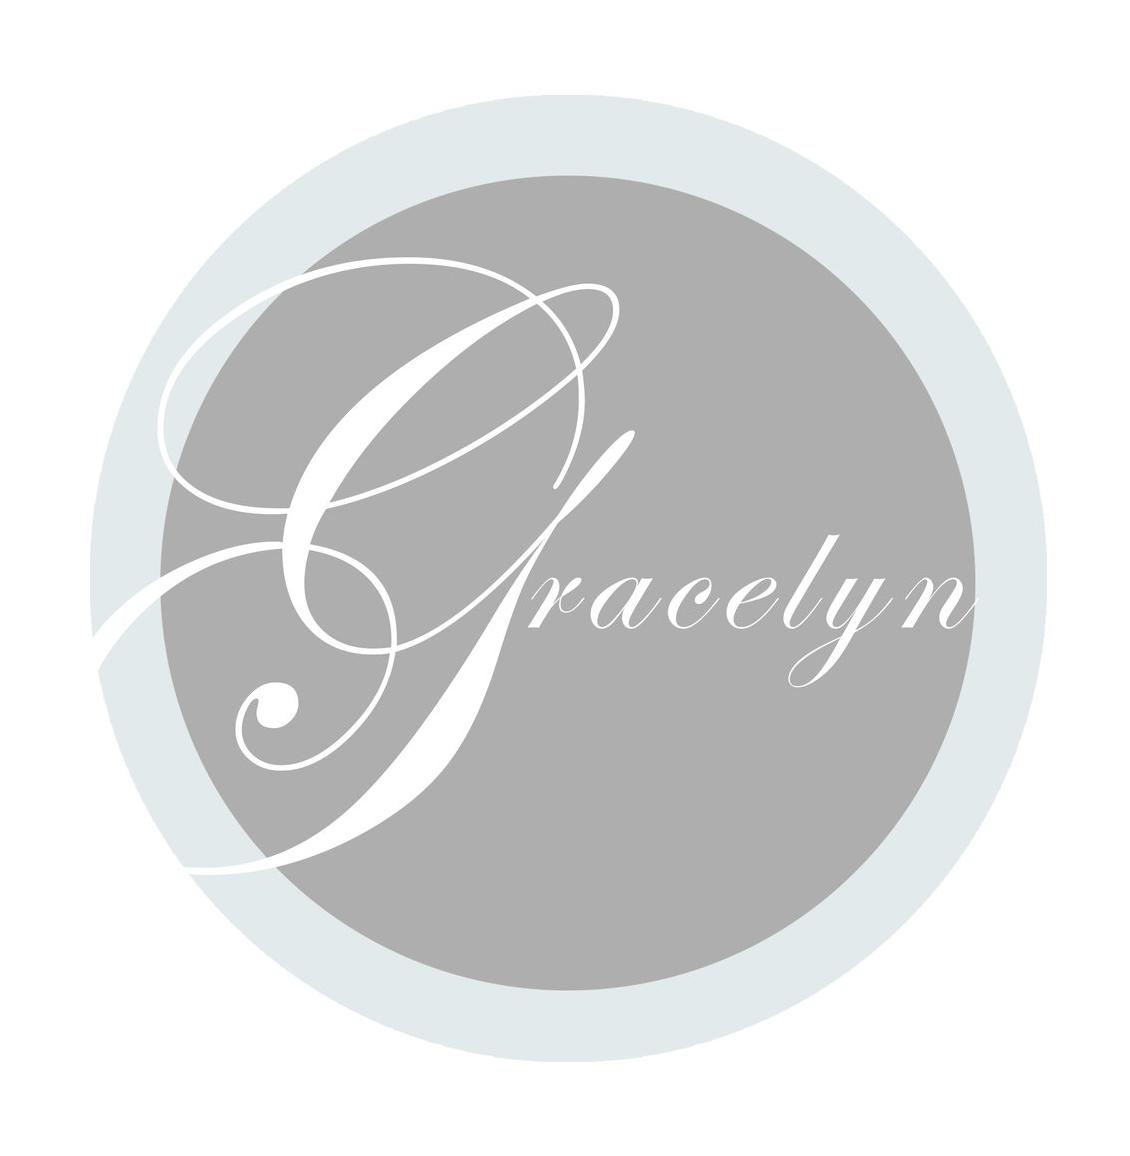 gracelyn logo for graphic design portfolio.jpg